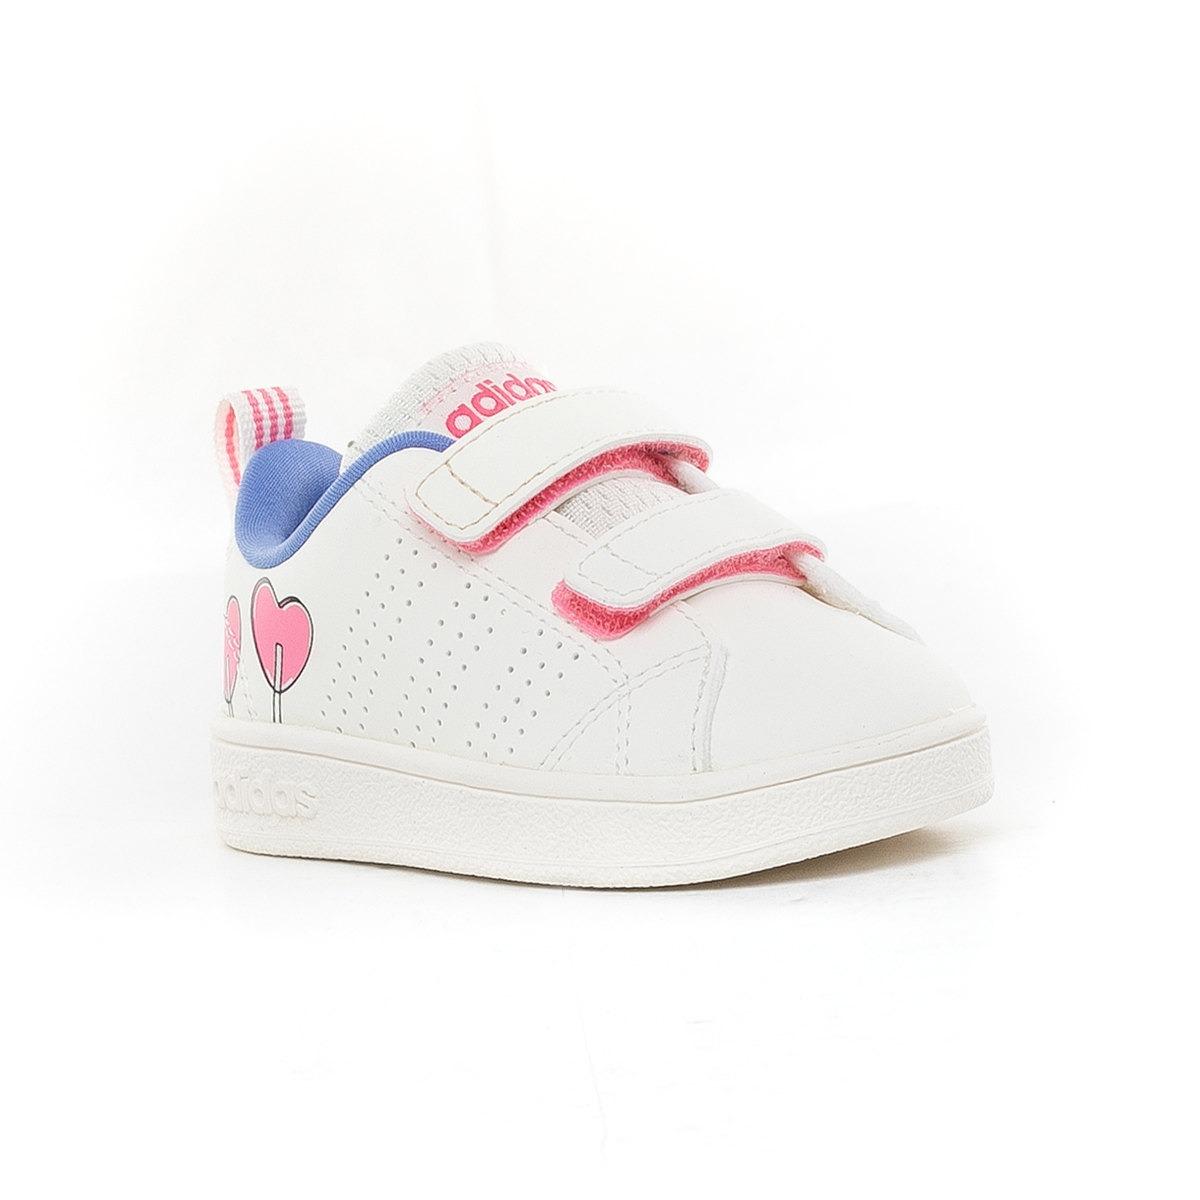 promo code 2e38e 62ec7 zapatillas neo vs adv cl cmf inf adidas. Cargando zoom.